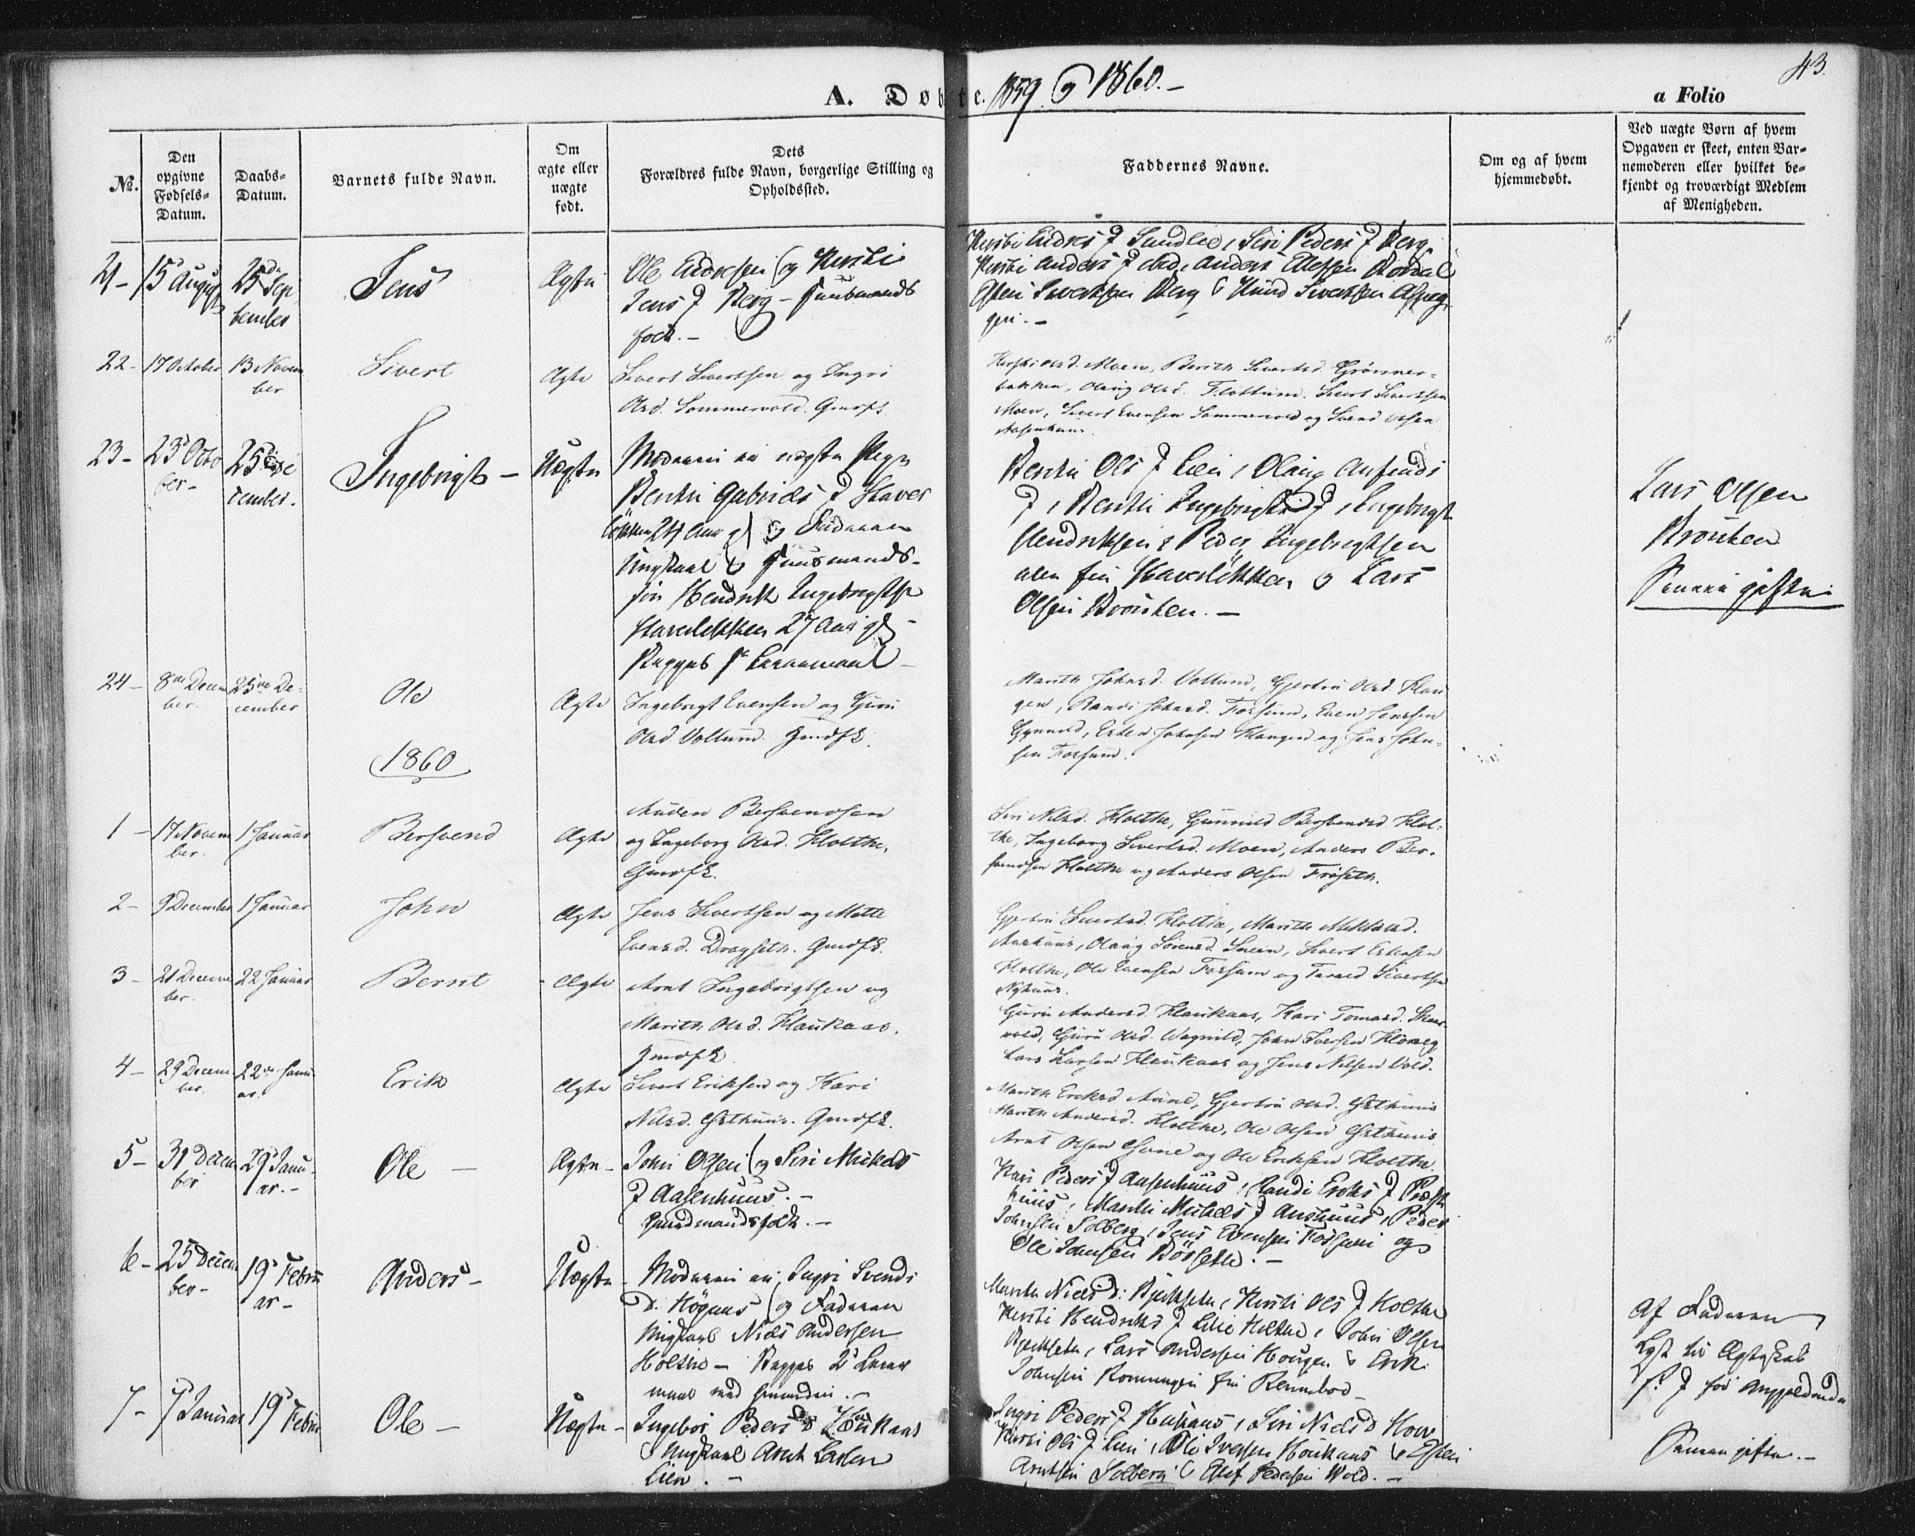 SAT, Ministerialprotokoller, klokkerbøker og fødselsregistre - Sør-Trøndelag, 689/L1038: Ministerialbok nr. 689A03, 1848-1872, s. 43